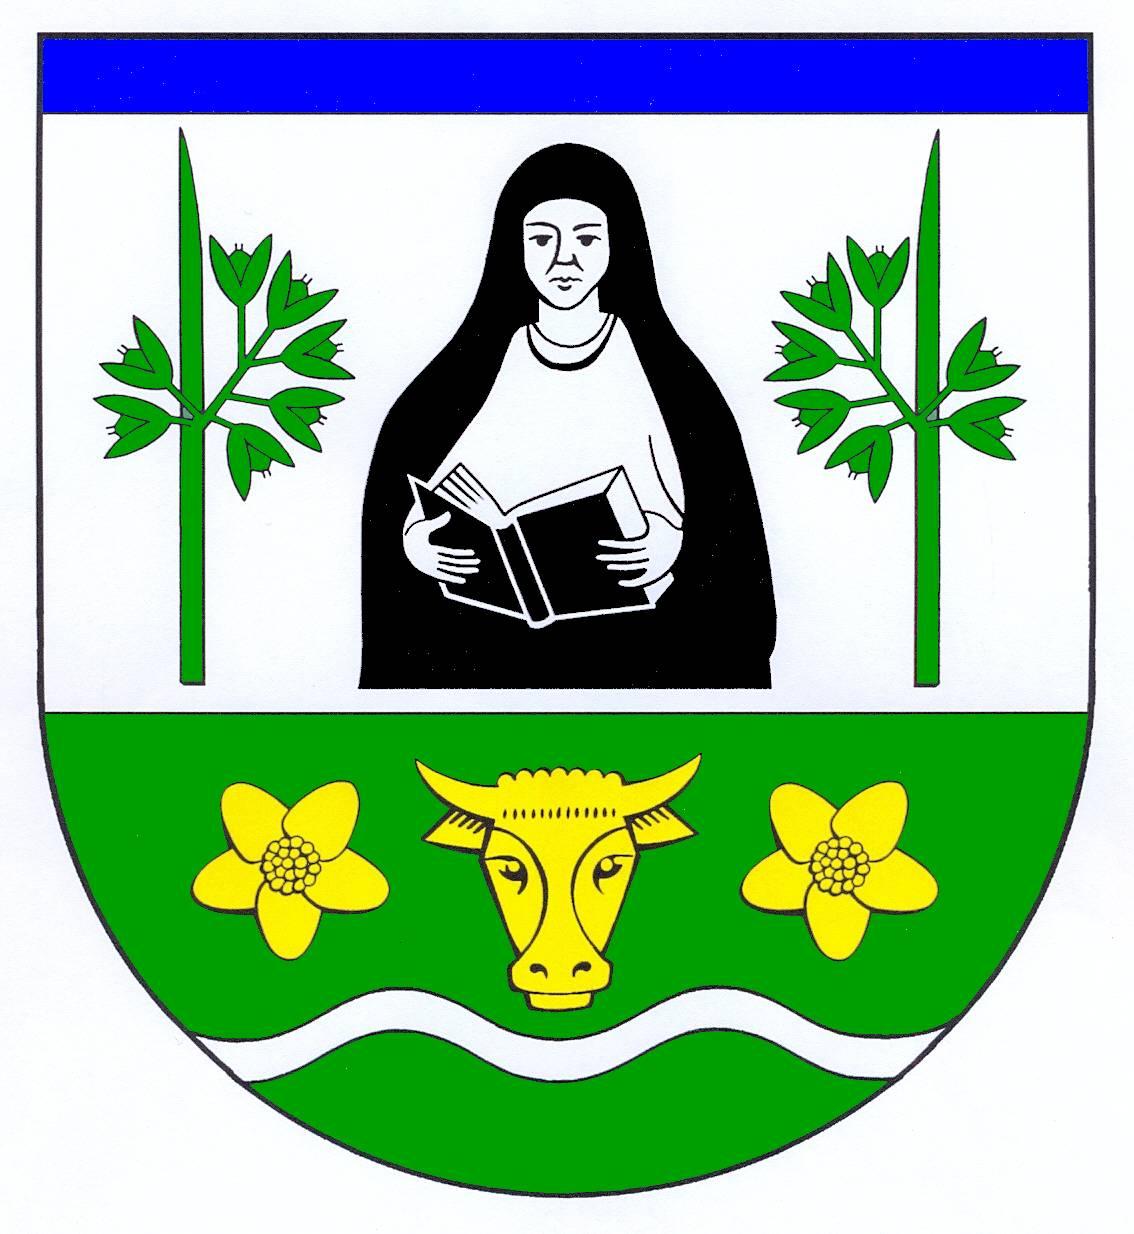 Wappen GemeindeAebtissinwisch, Kreis Steinburg